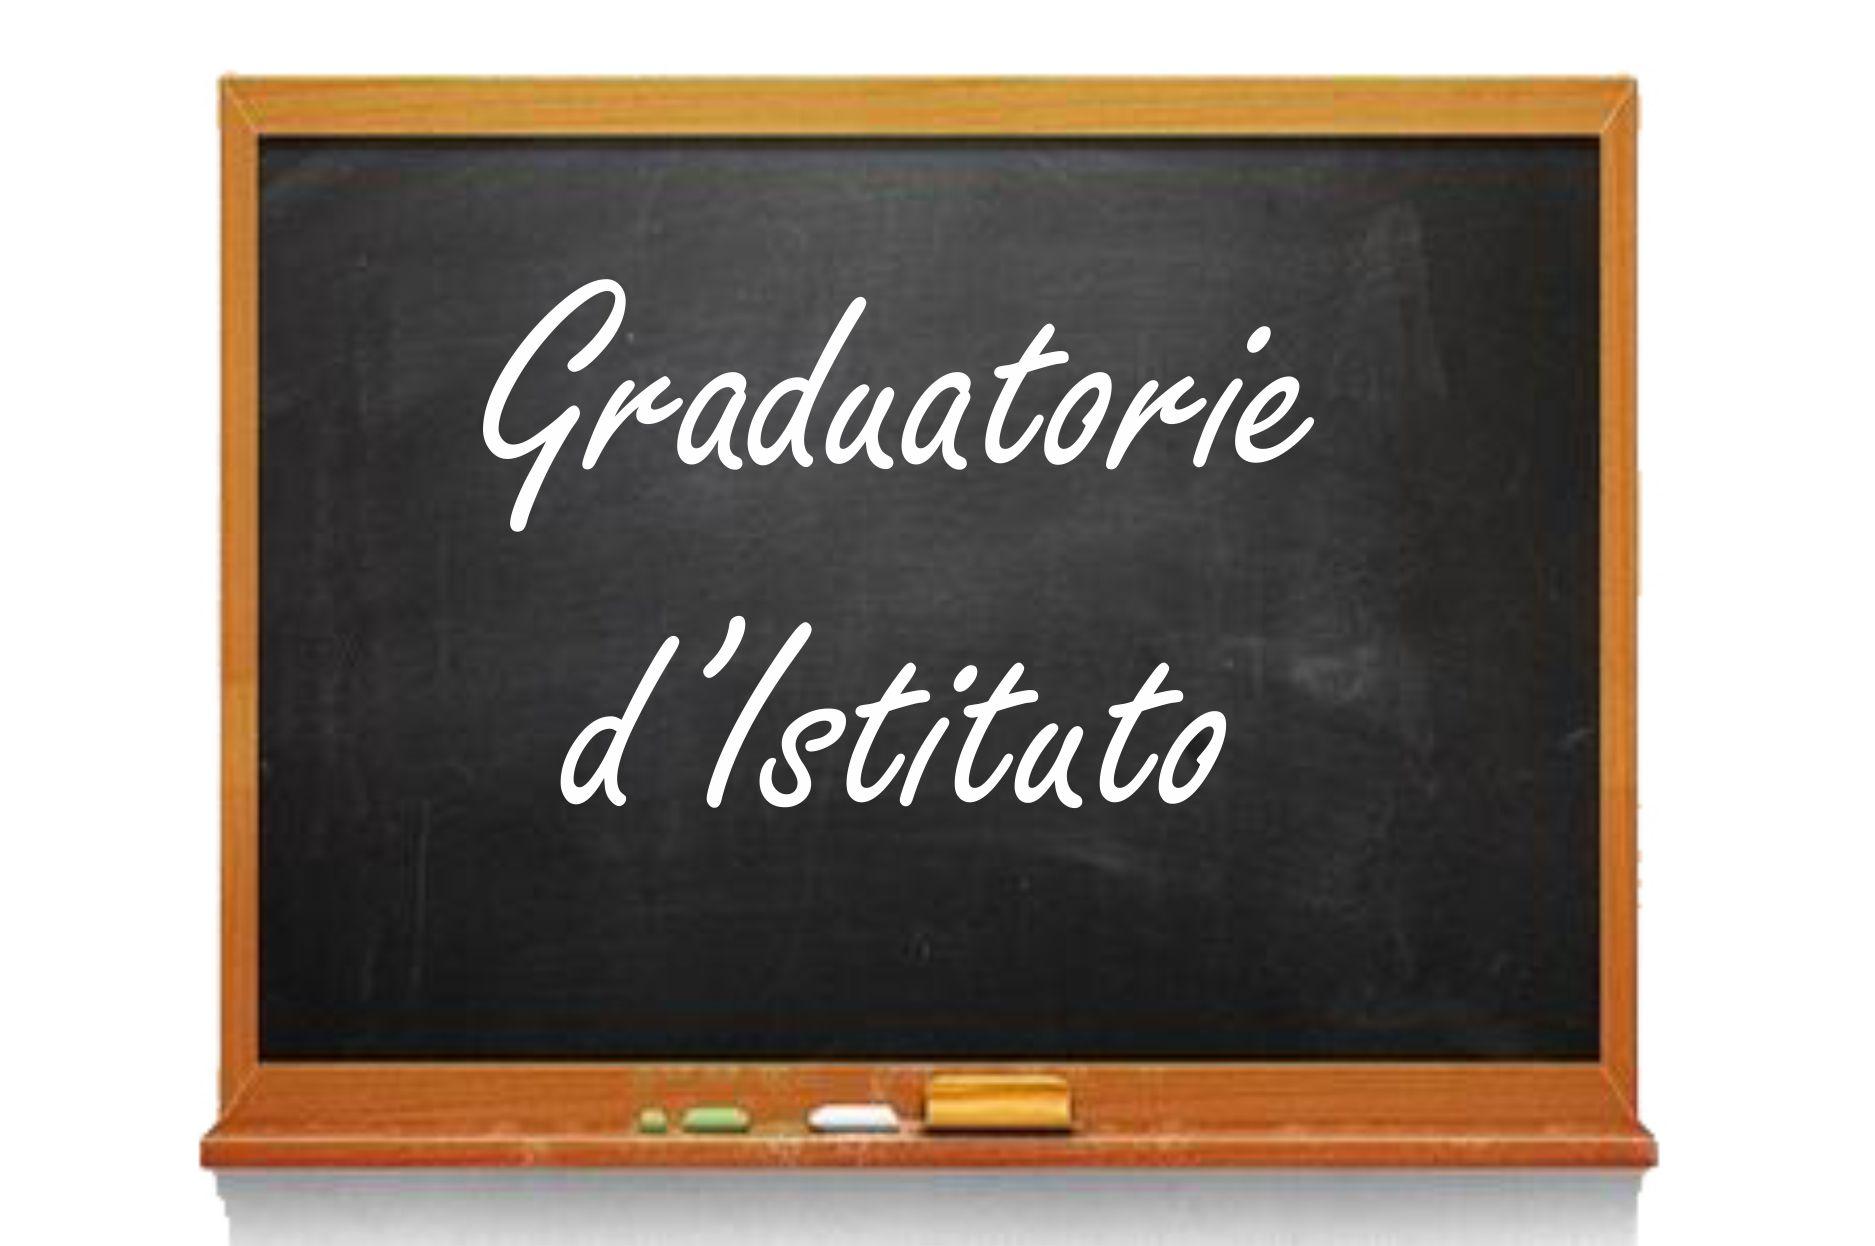 Aggiornamento Graduatorie di Istituto, ecco decreto e modelli domanda. Scadenza 4 giugno, finestra SEMESTRALE